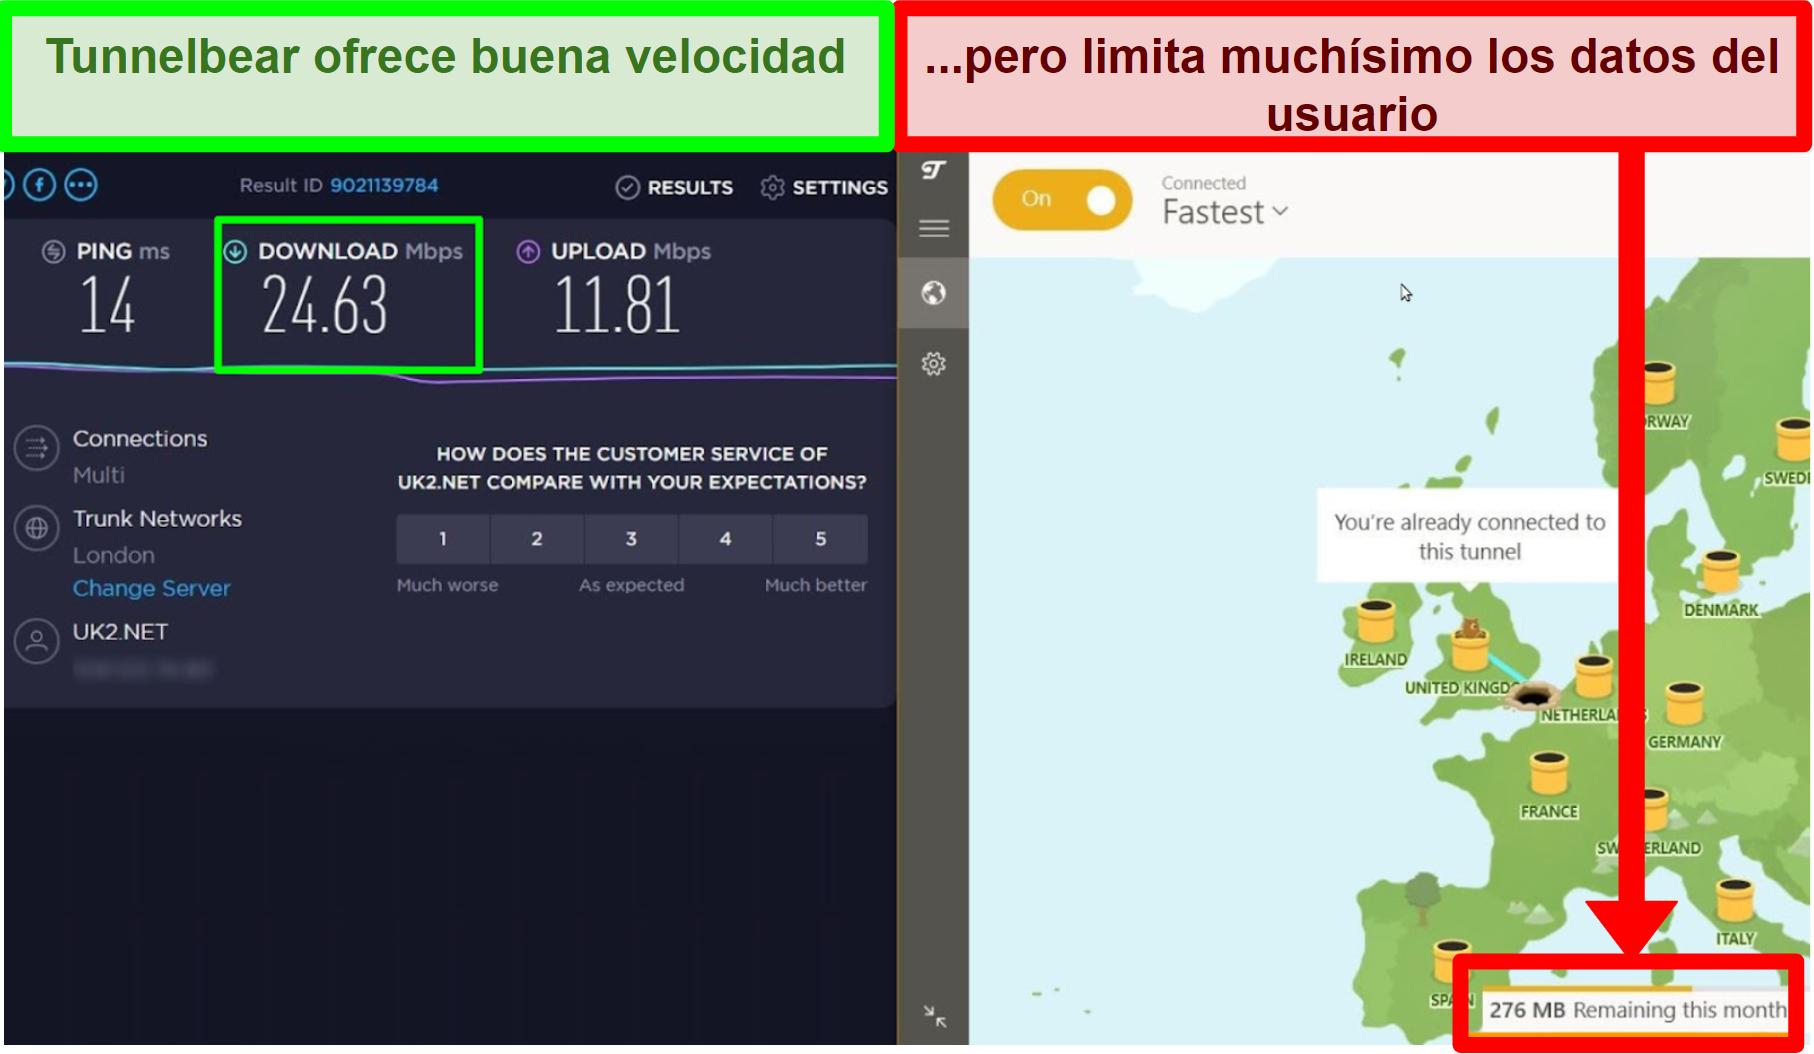 TunnelBear tiene buenas velocidades pero limita los datos del usuario